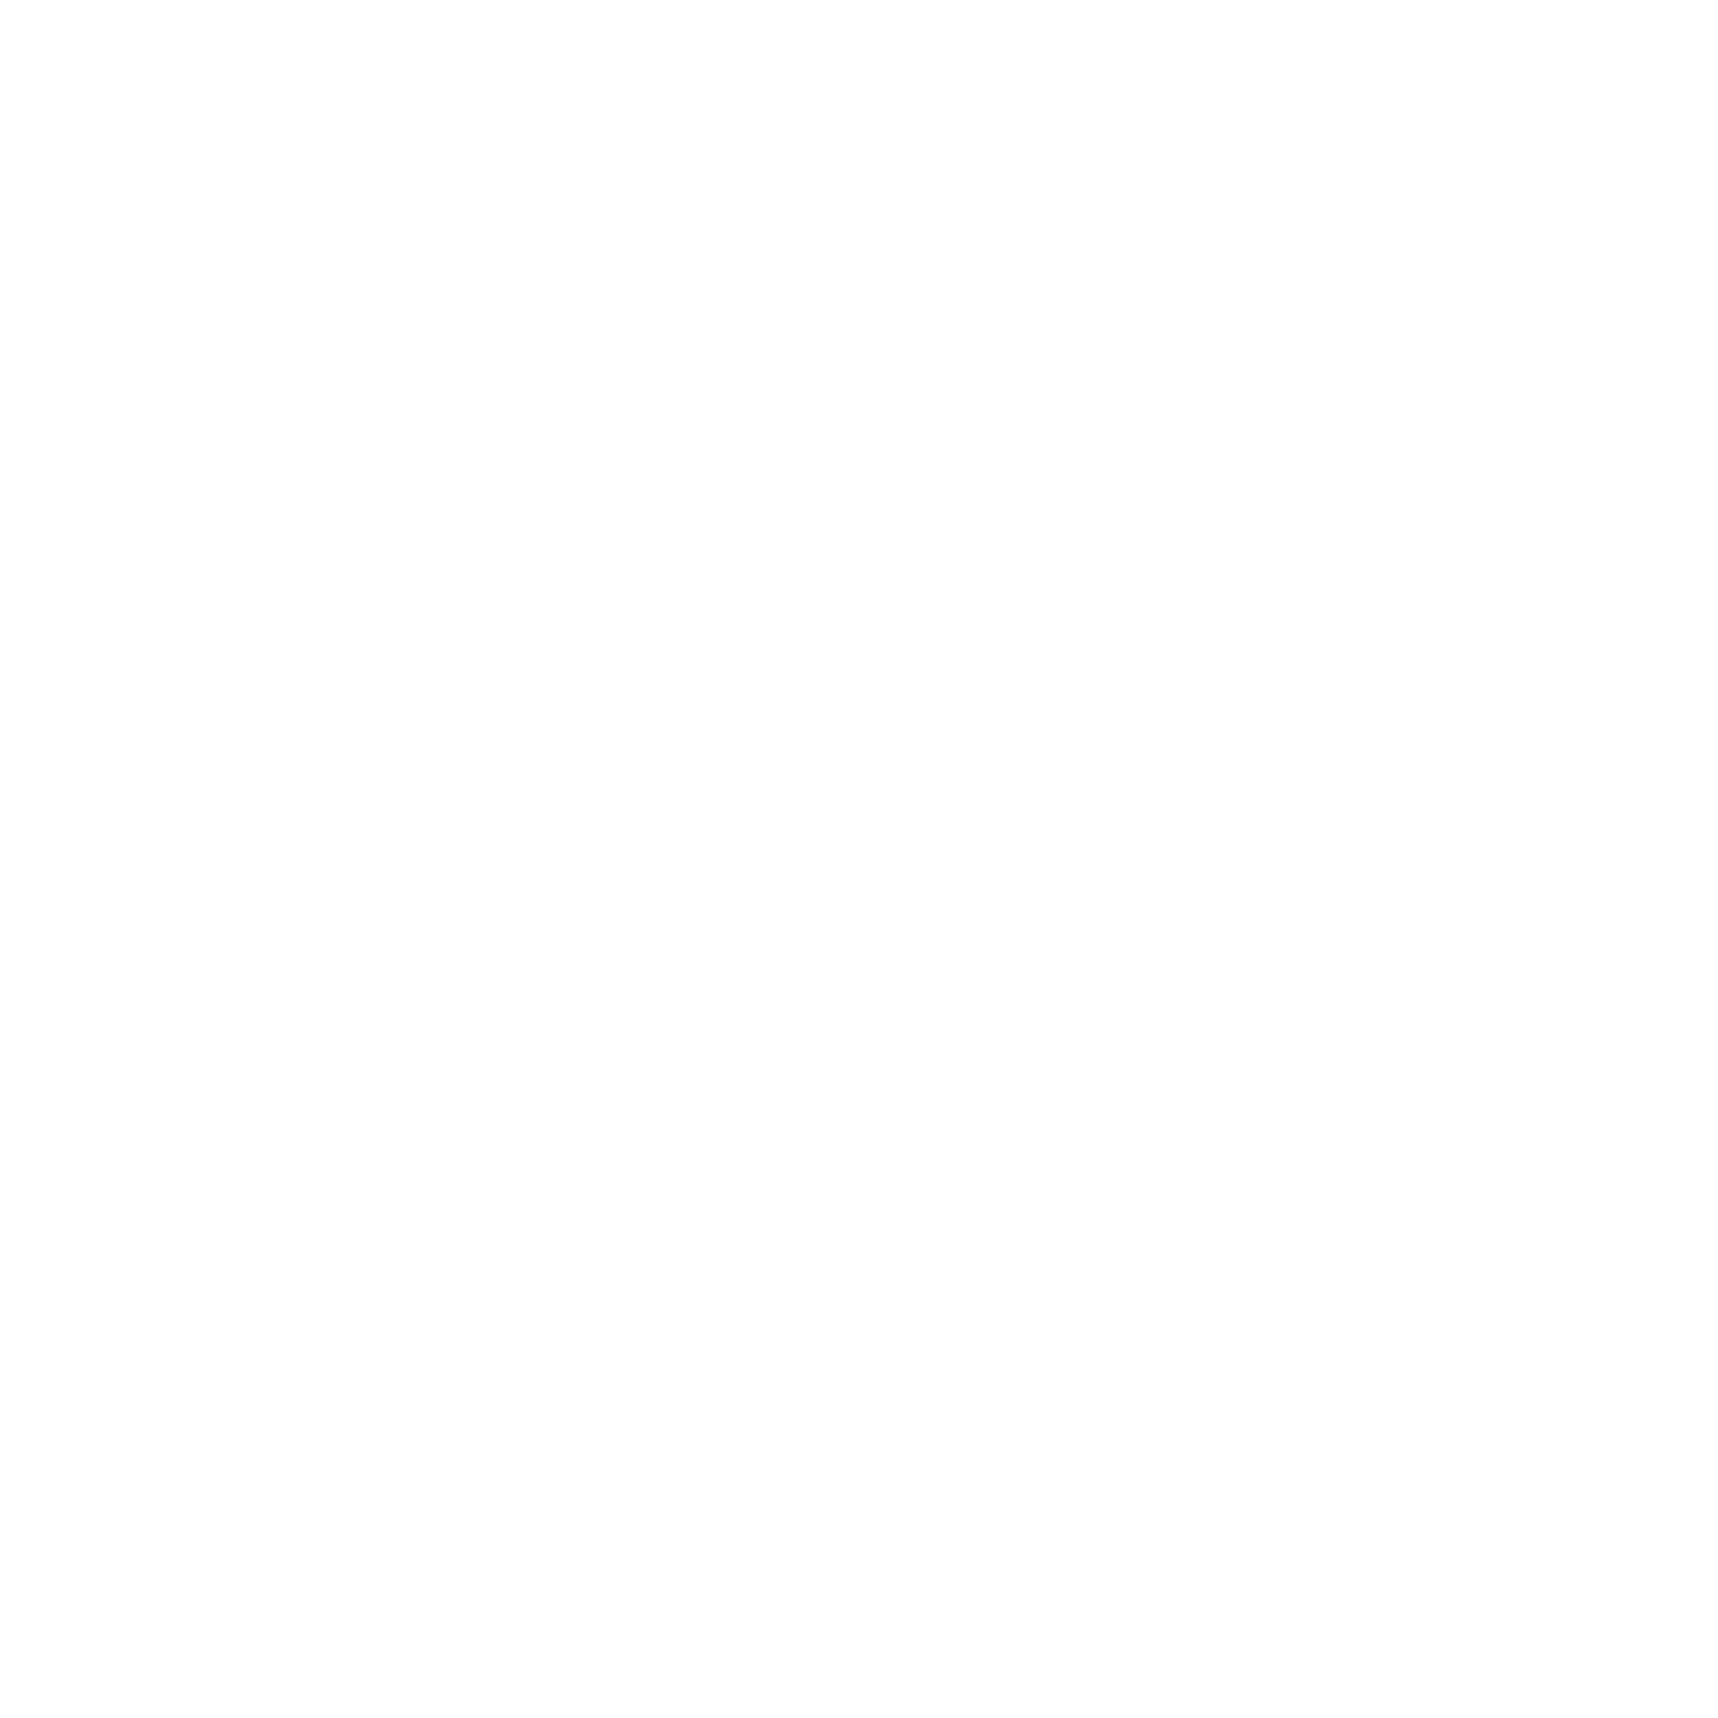 leedsdiocese2.png